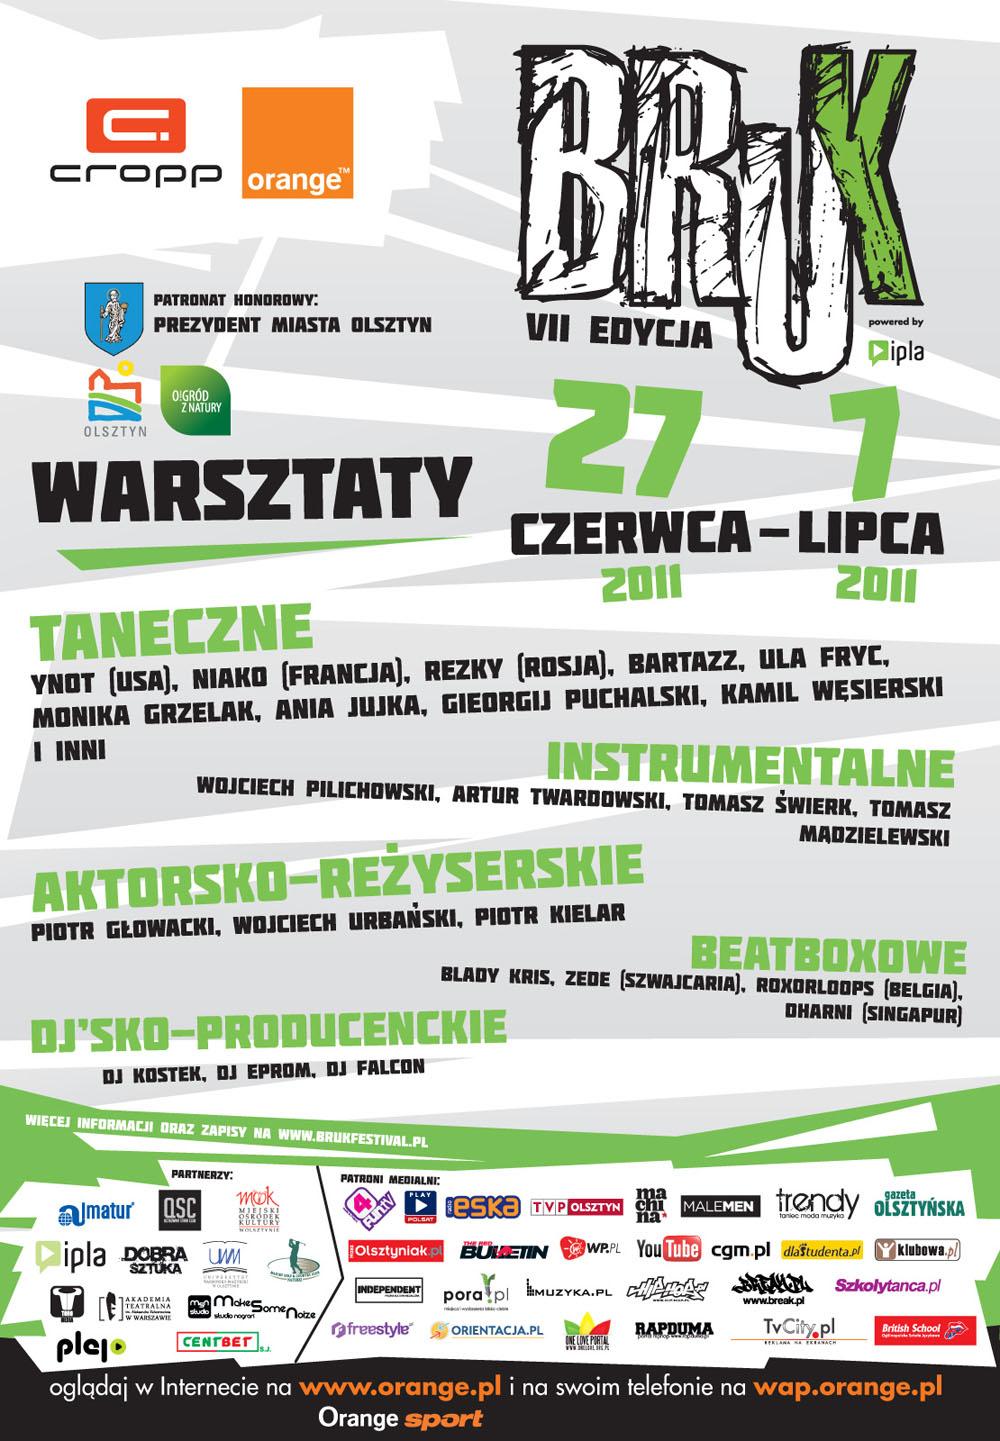 Bruk Festival 2011 - Warsztaty